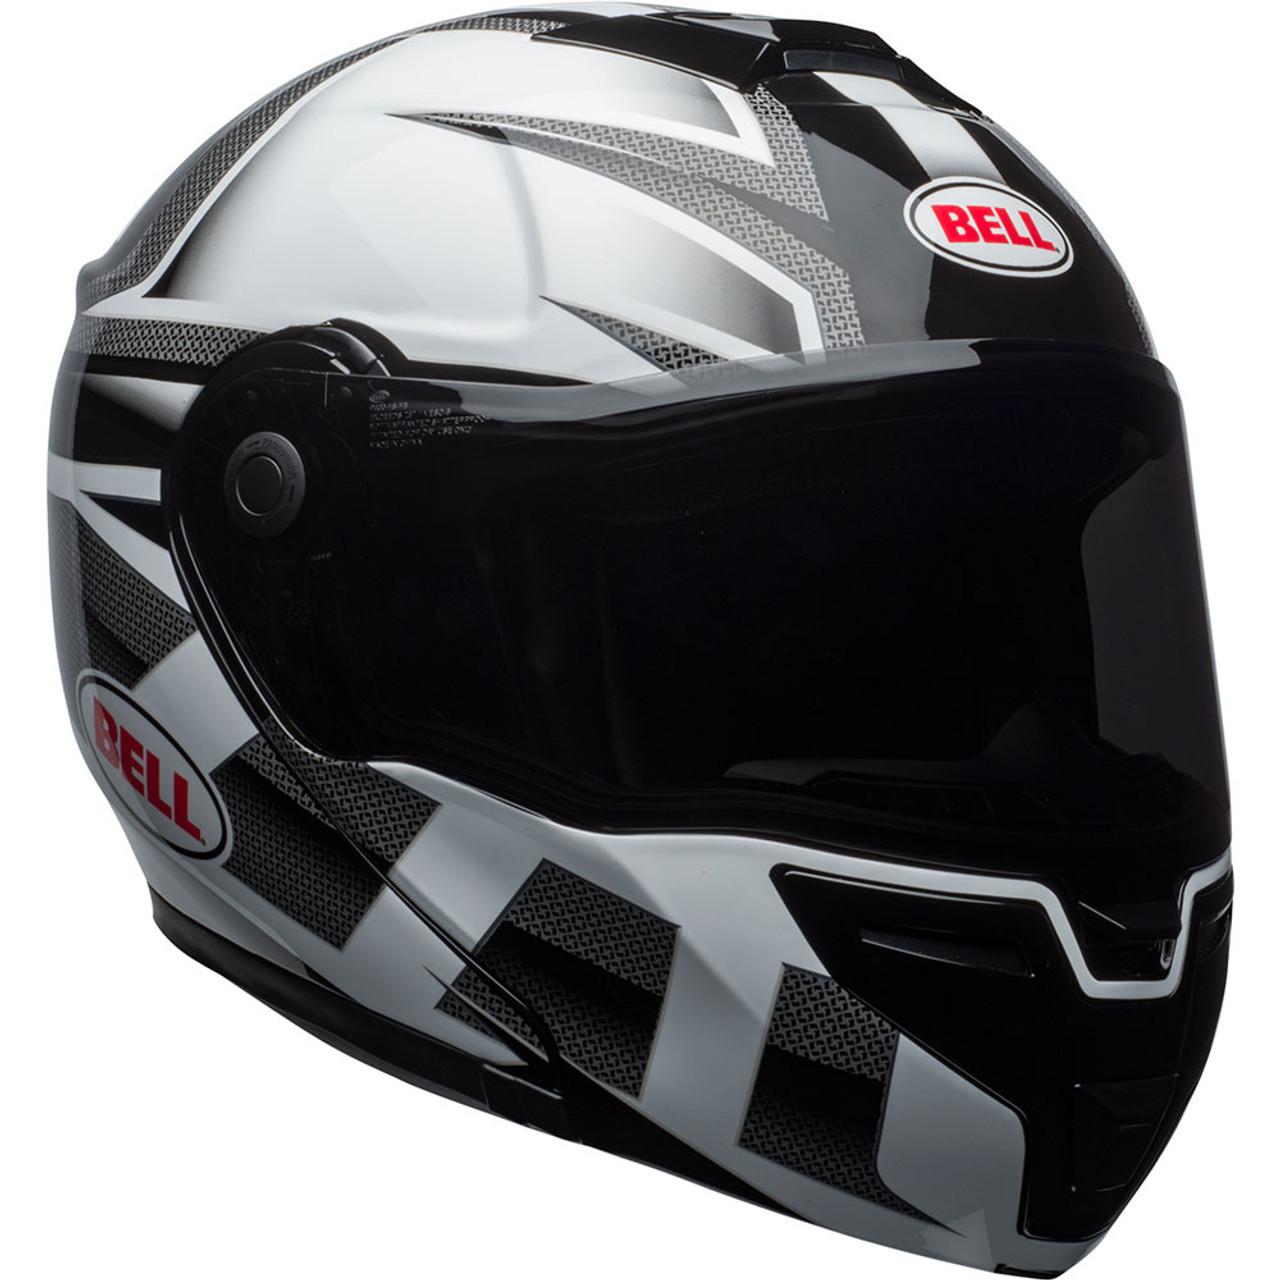 Bell Motorcycle Helmet >> Bell Srt Modular Helmet Gloss White Black Predator